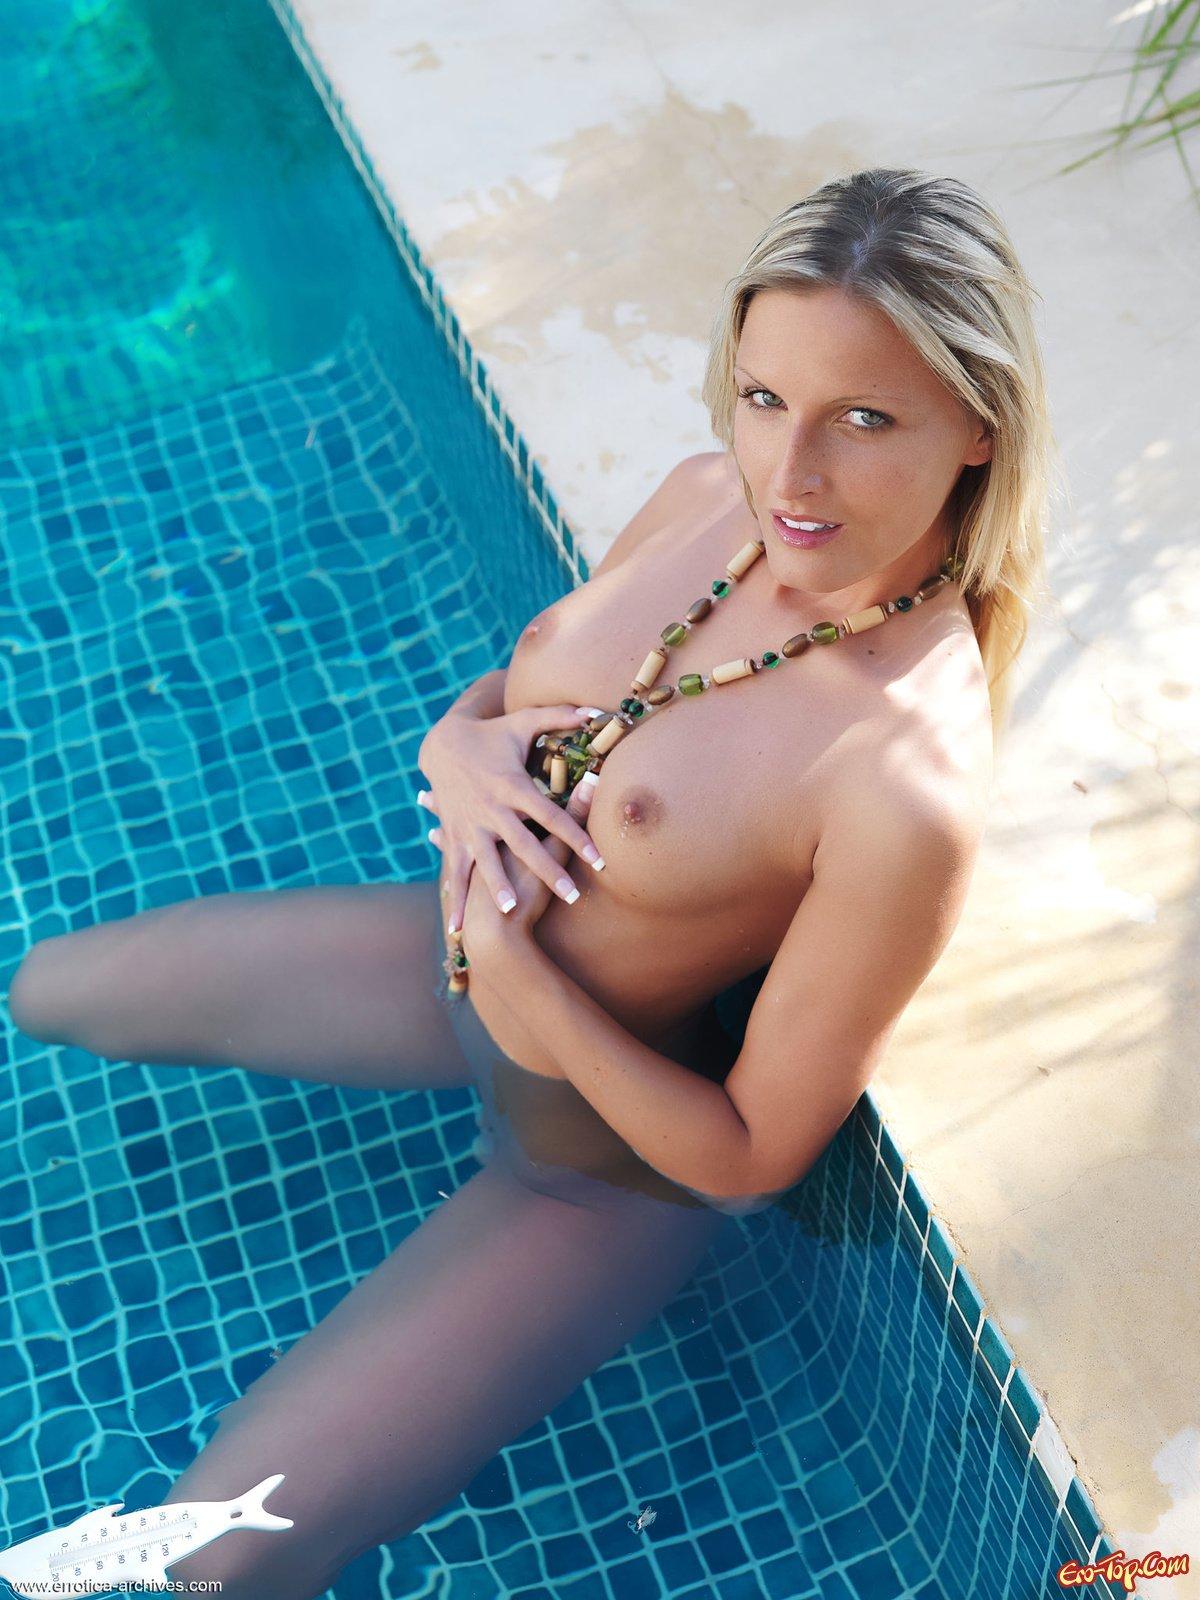 Светловолосая девушка в бассейне